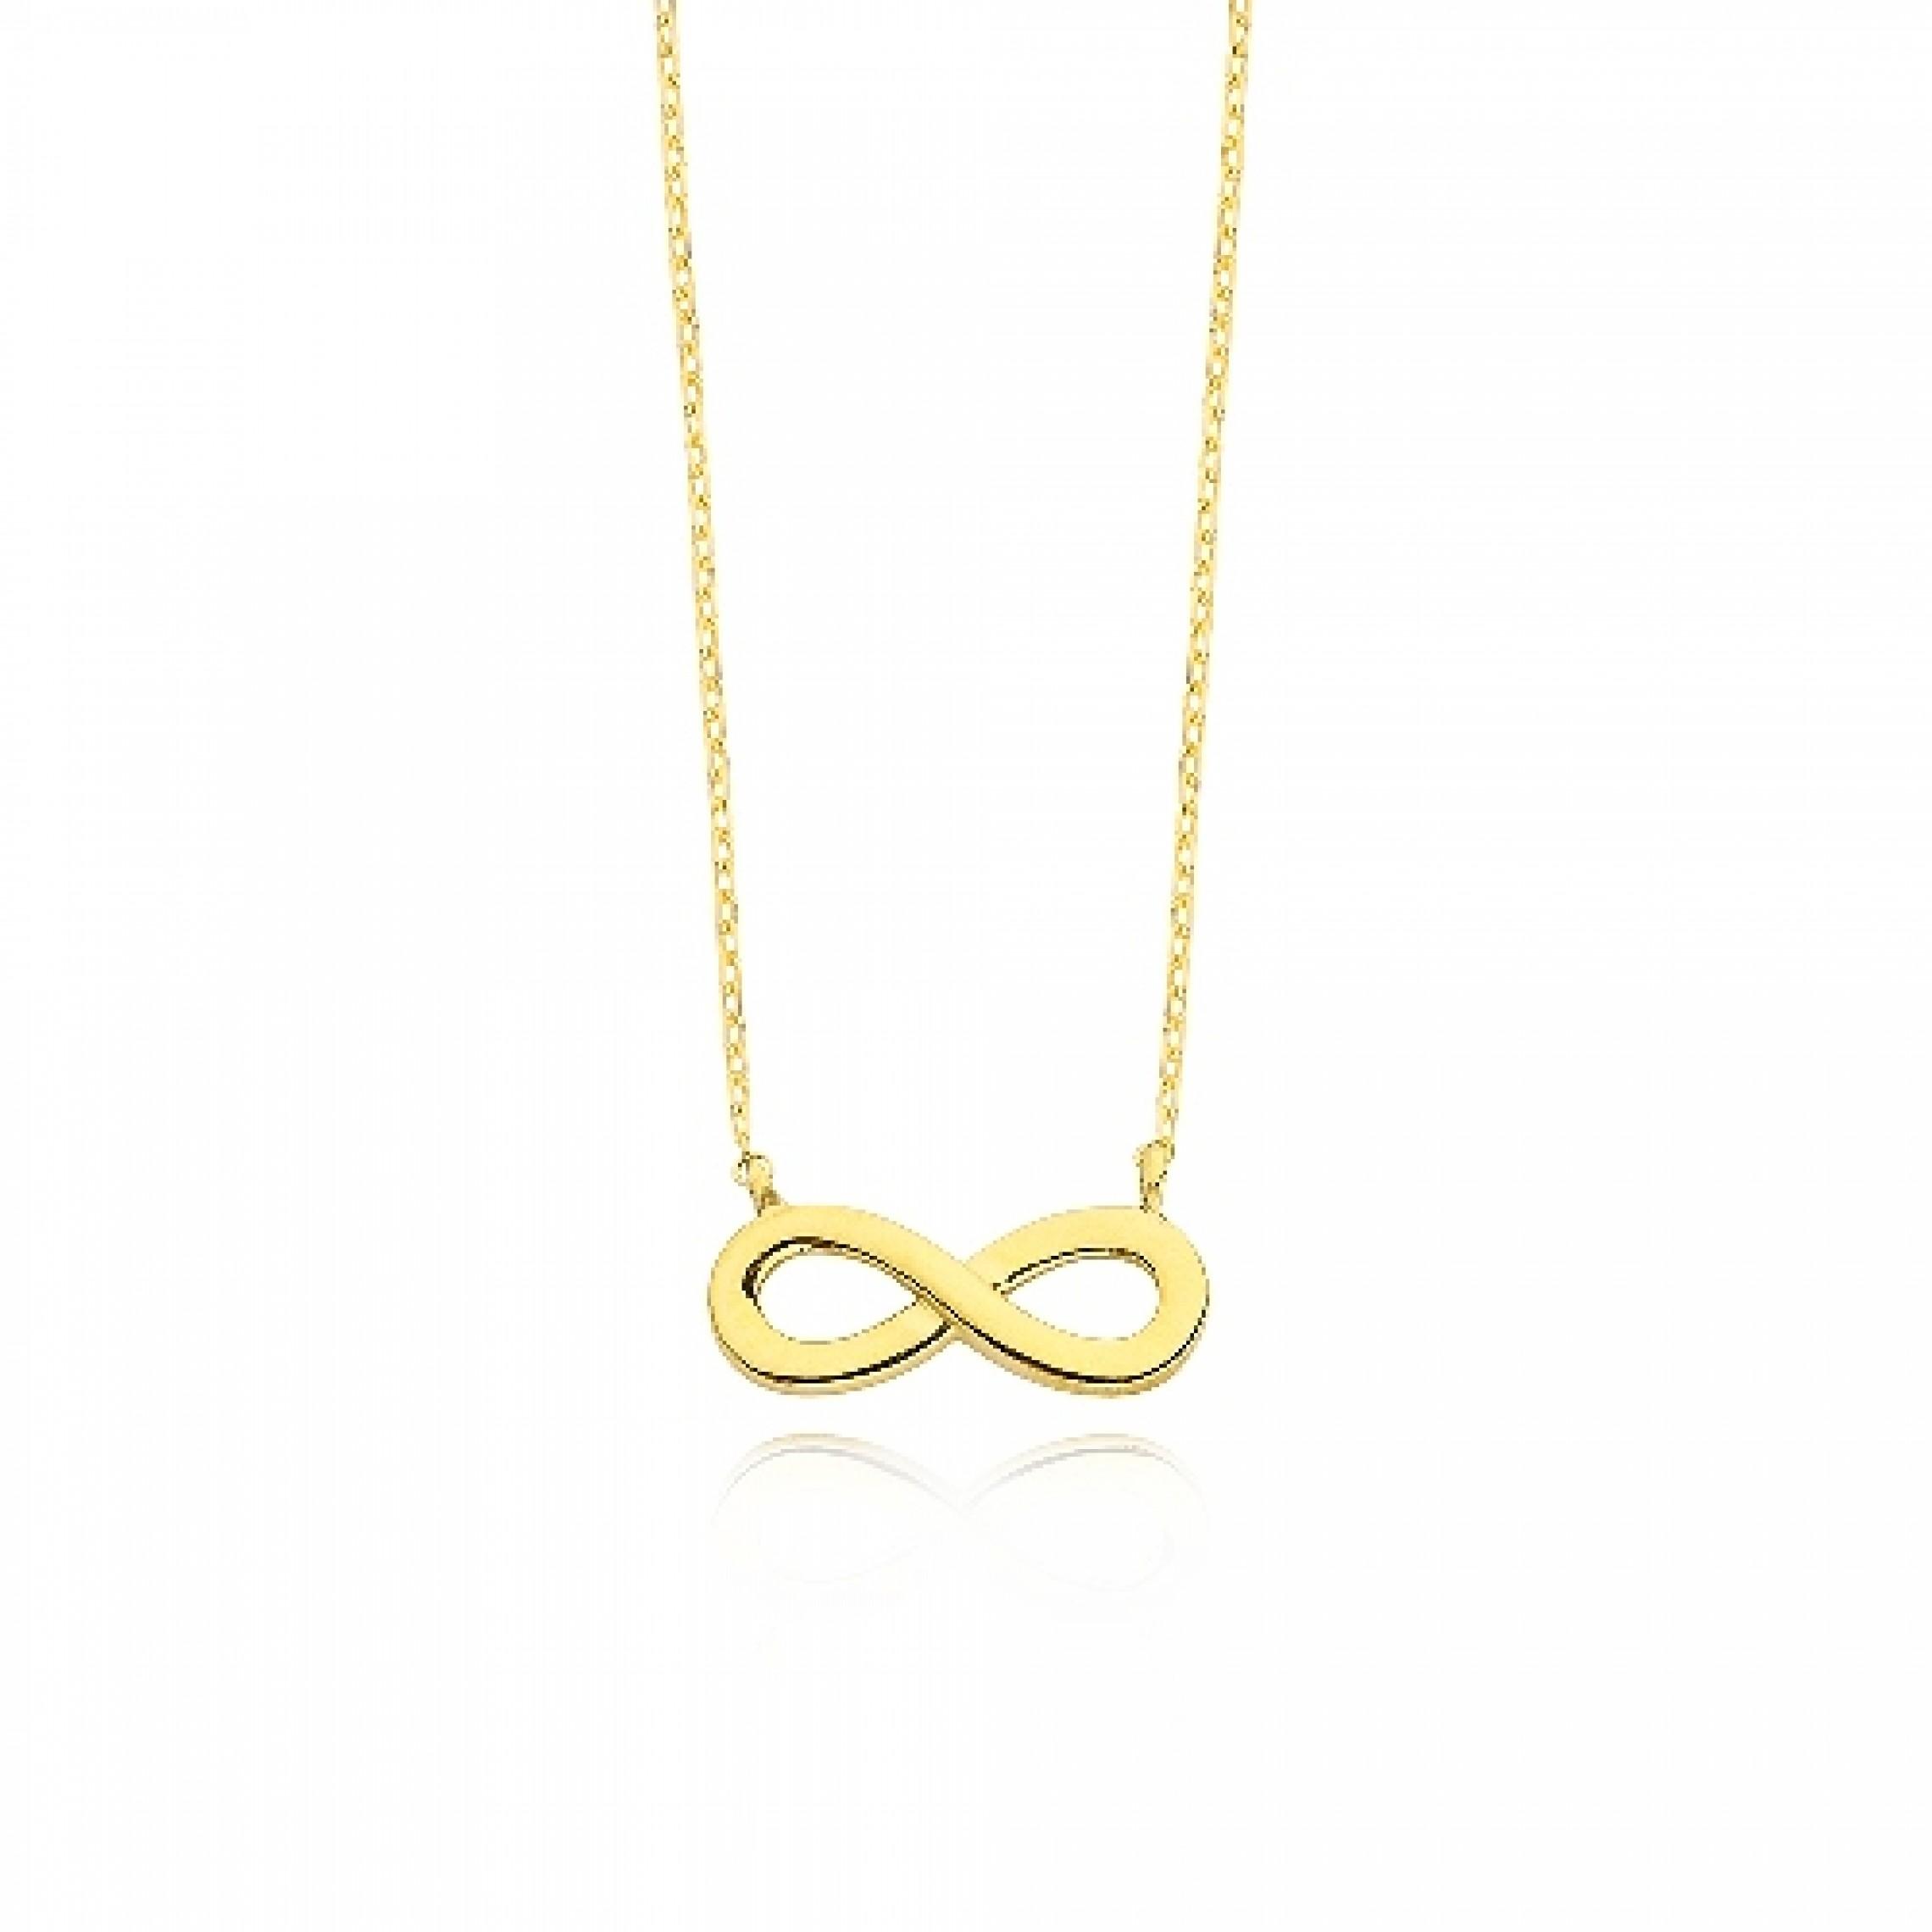 JN-190223 Evil Eye 925 Sterling Silver CZ Necklace Infinity